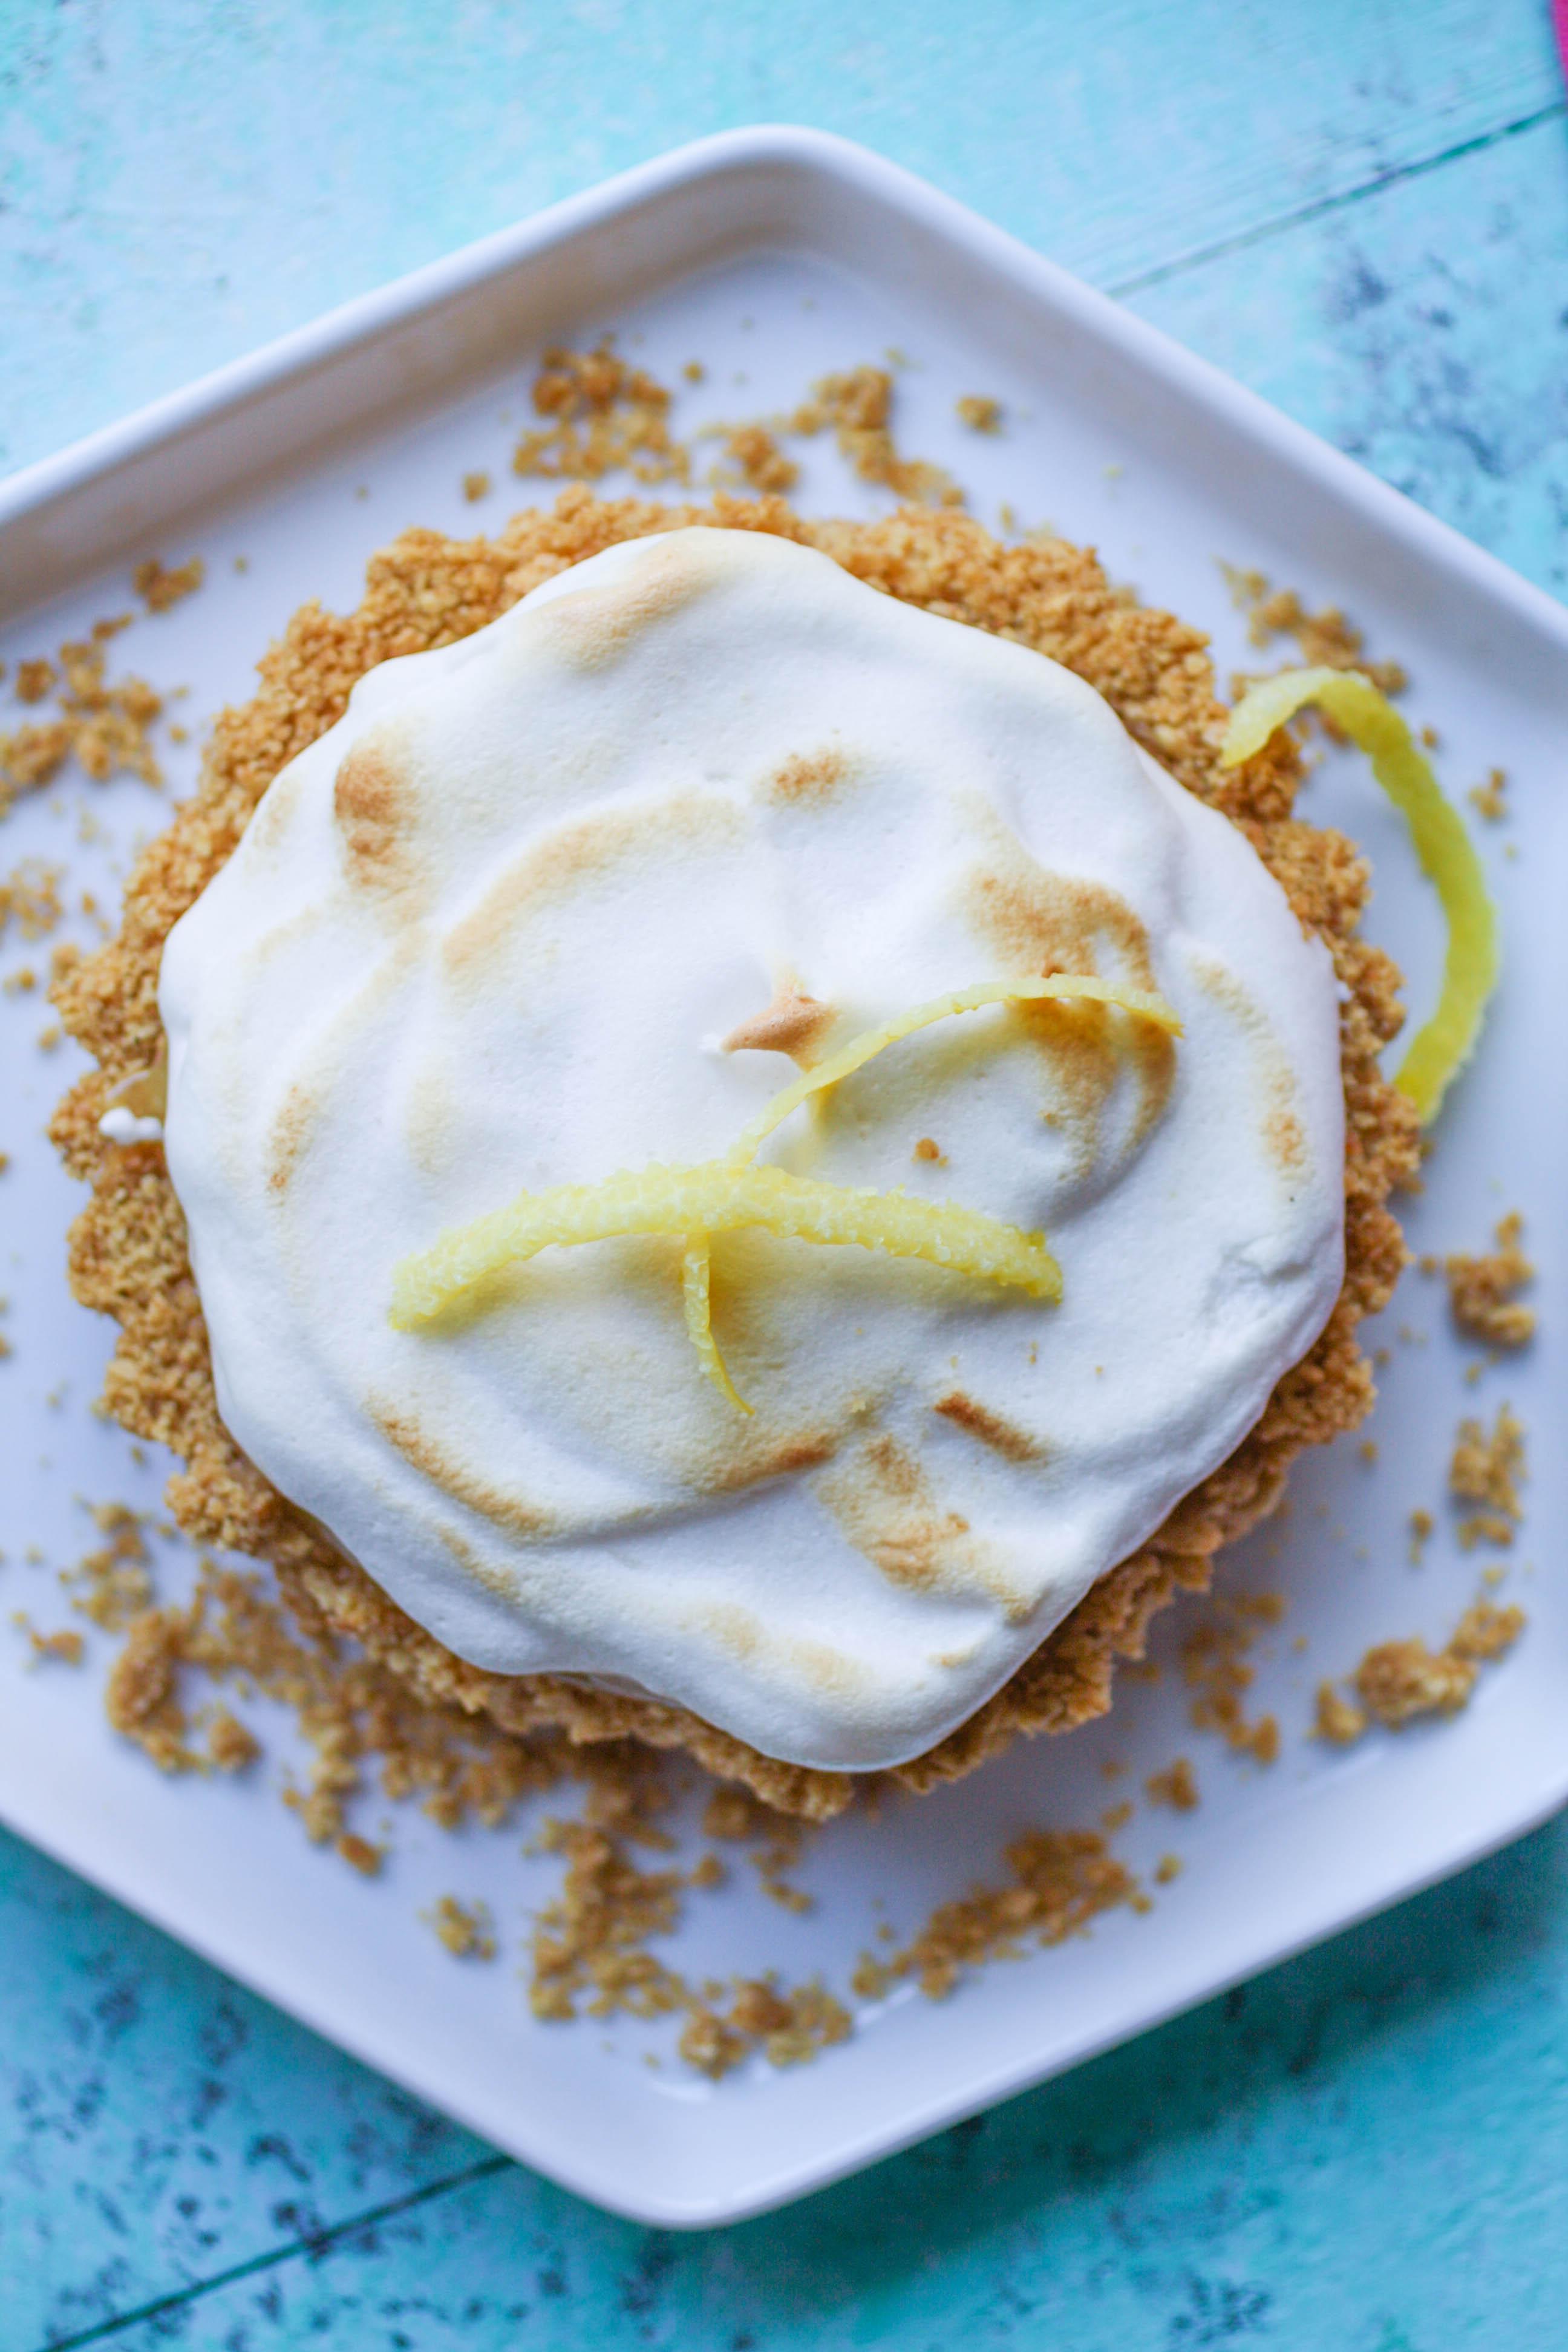 Lemon Meringue Tartlets are a pretty dessert with fabulous, citrus flavor. You'll love the lemony goodness in these Lemon Meringue Tartlets.